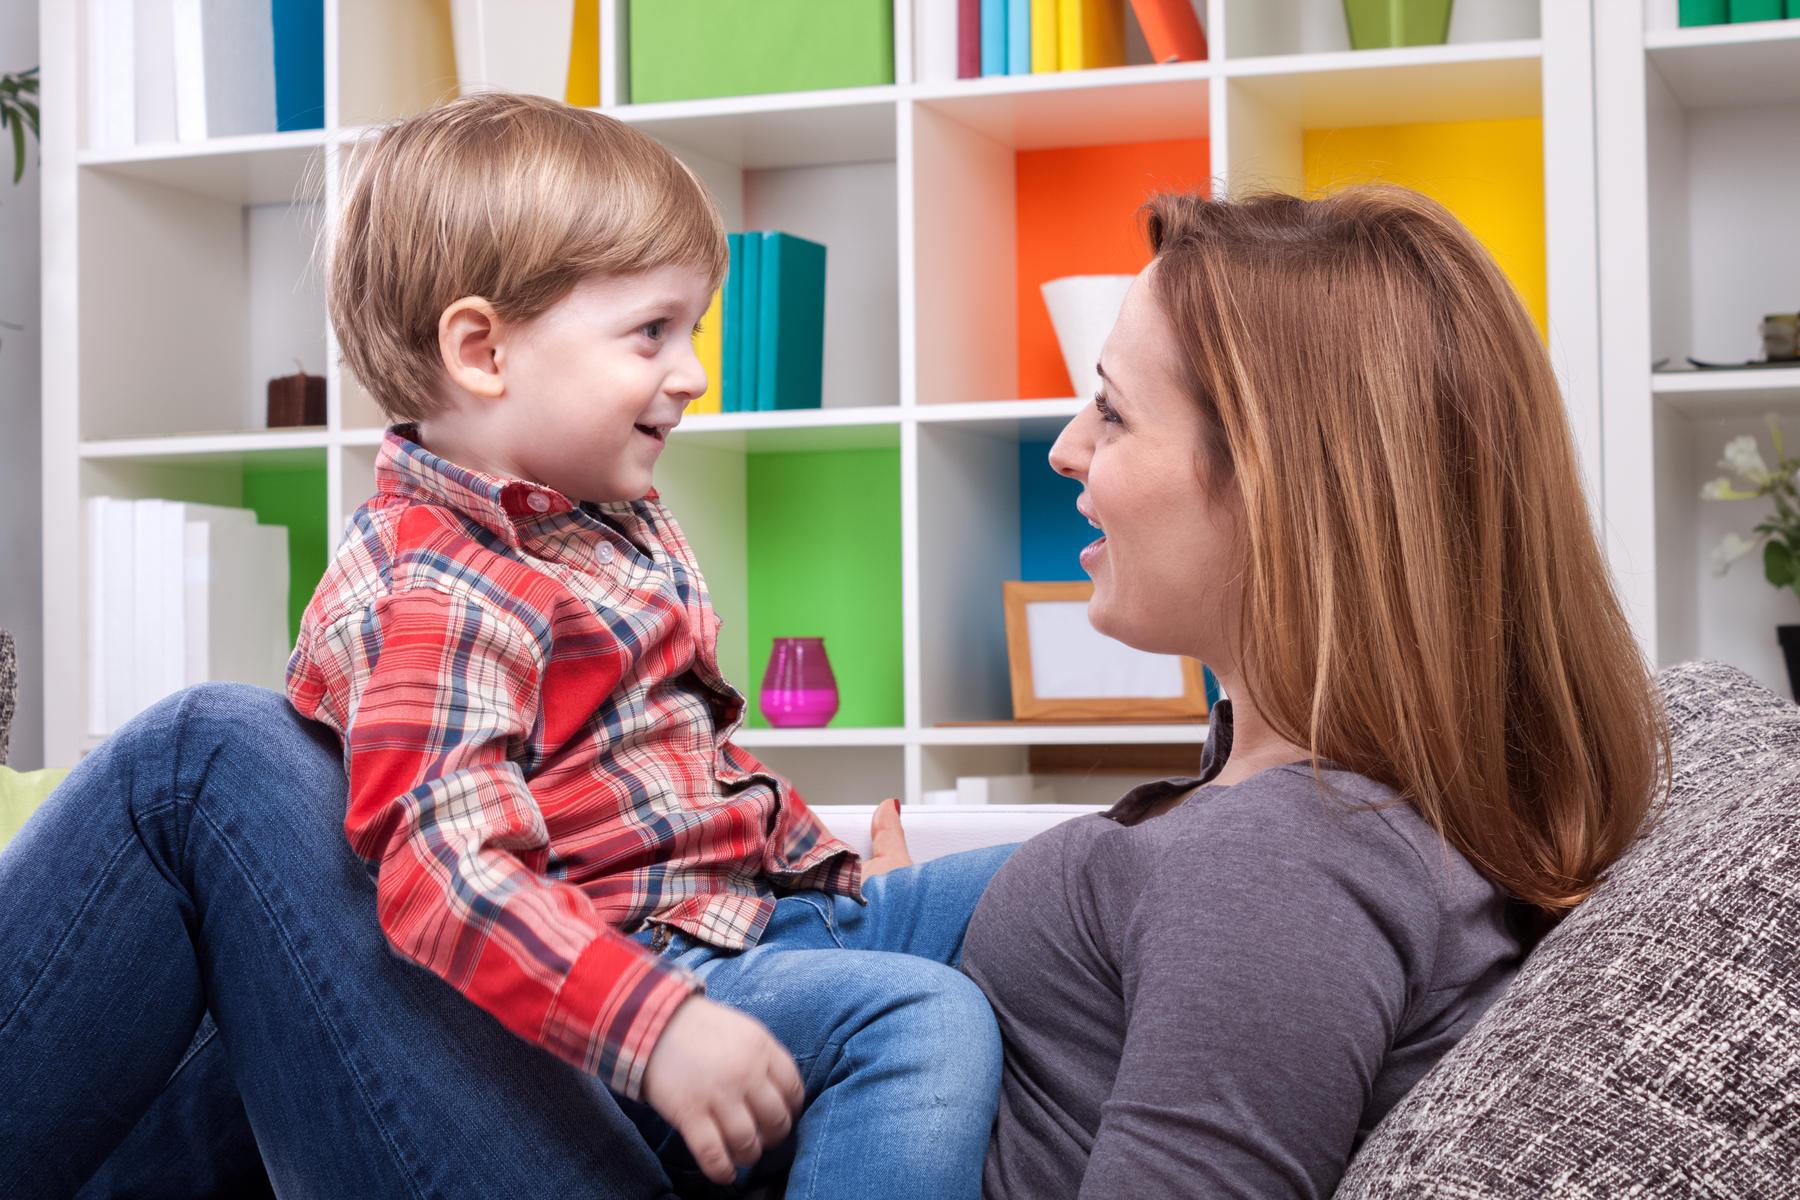 giao tiếp để xây dựng tốt mối quan hệ giữa cha mẹ và con cái